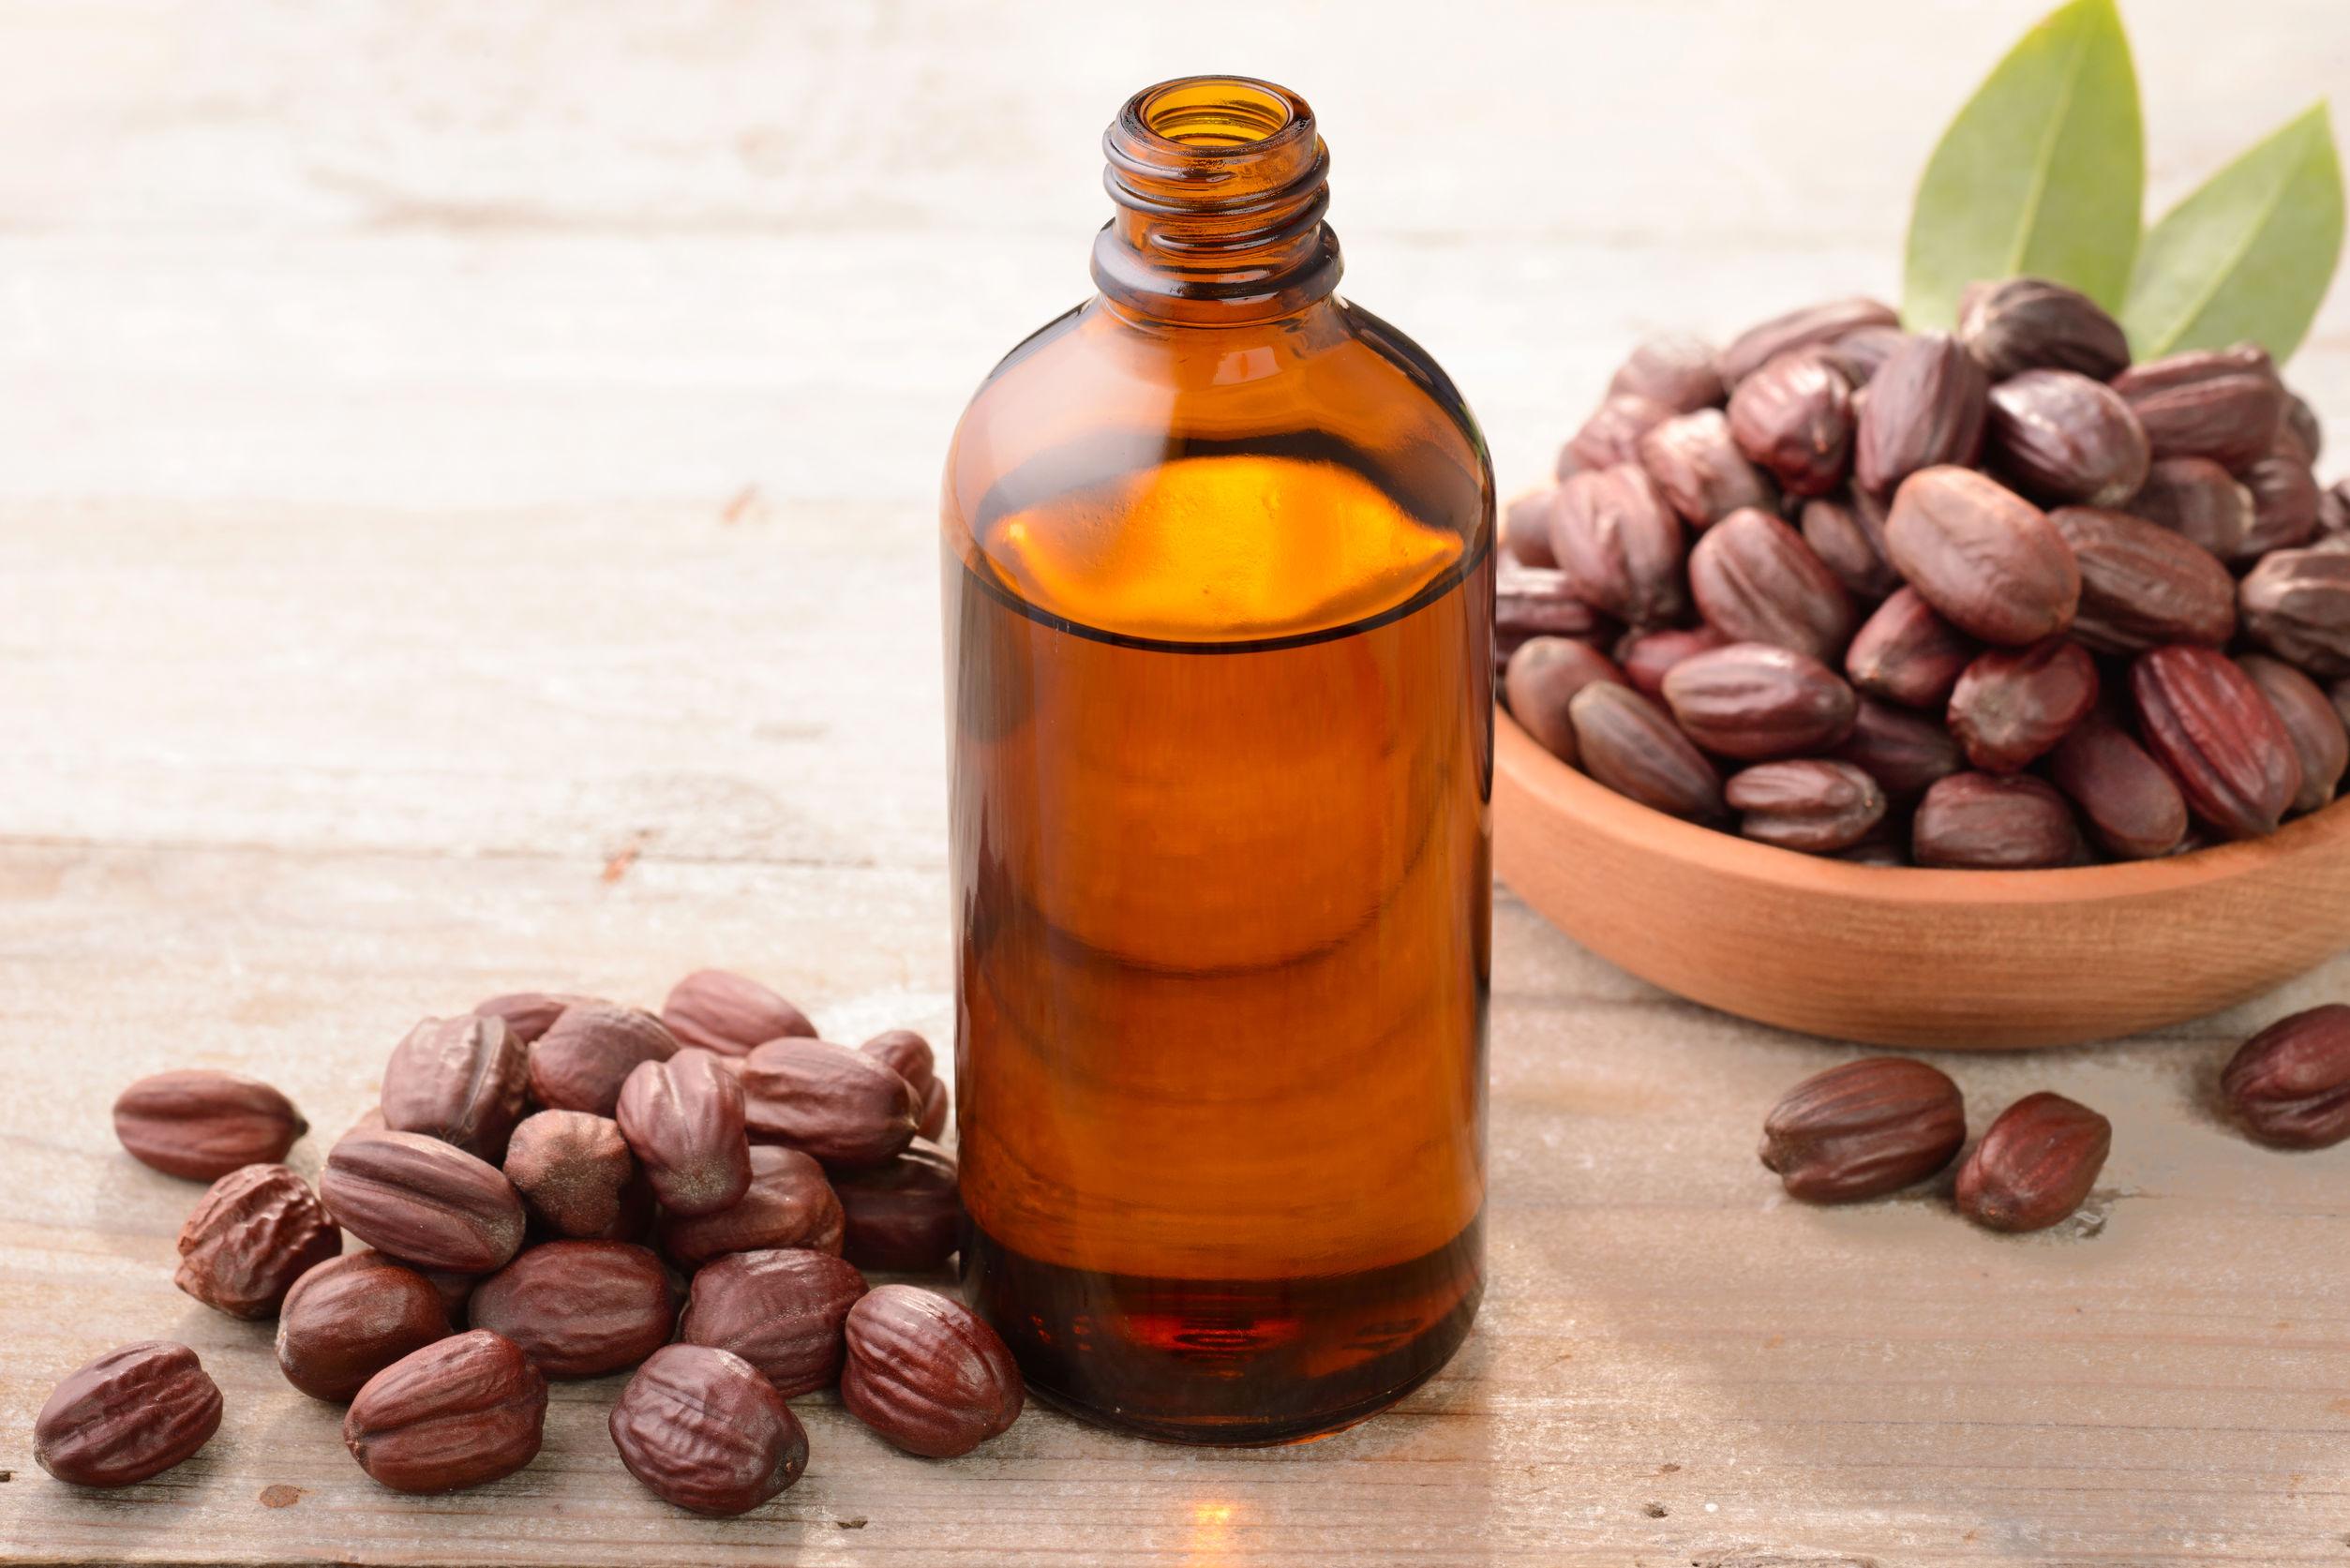 Miglior olio di jojoba 2021: Guida all'acquisto